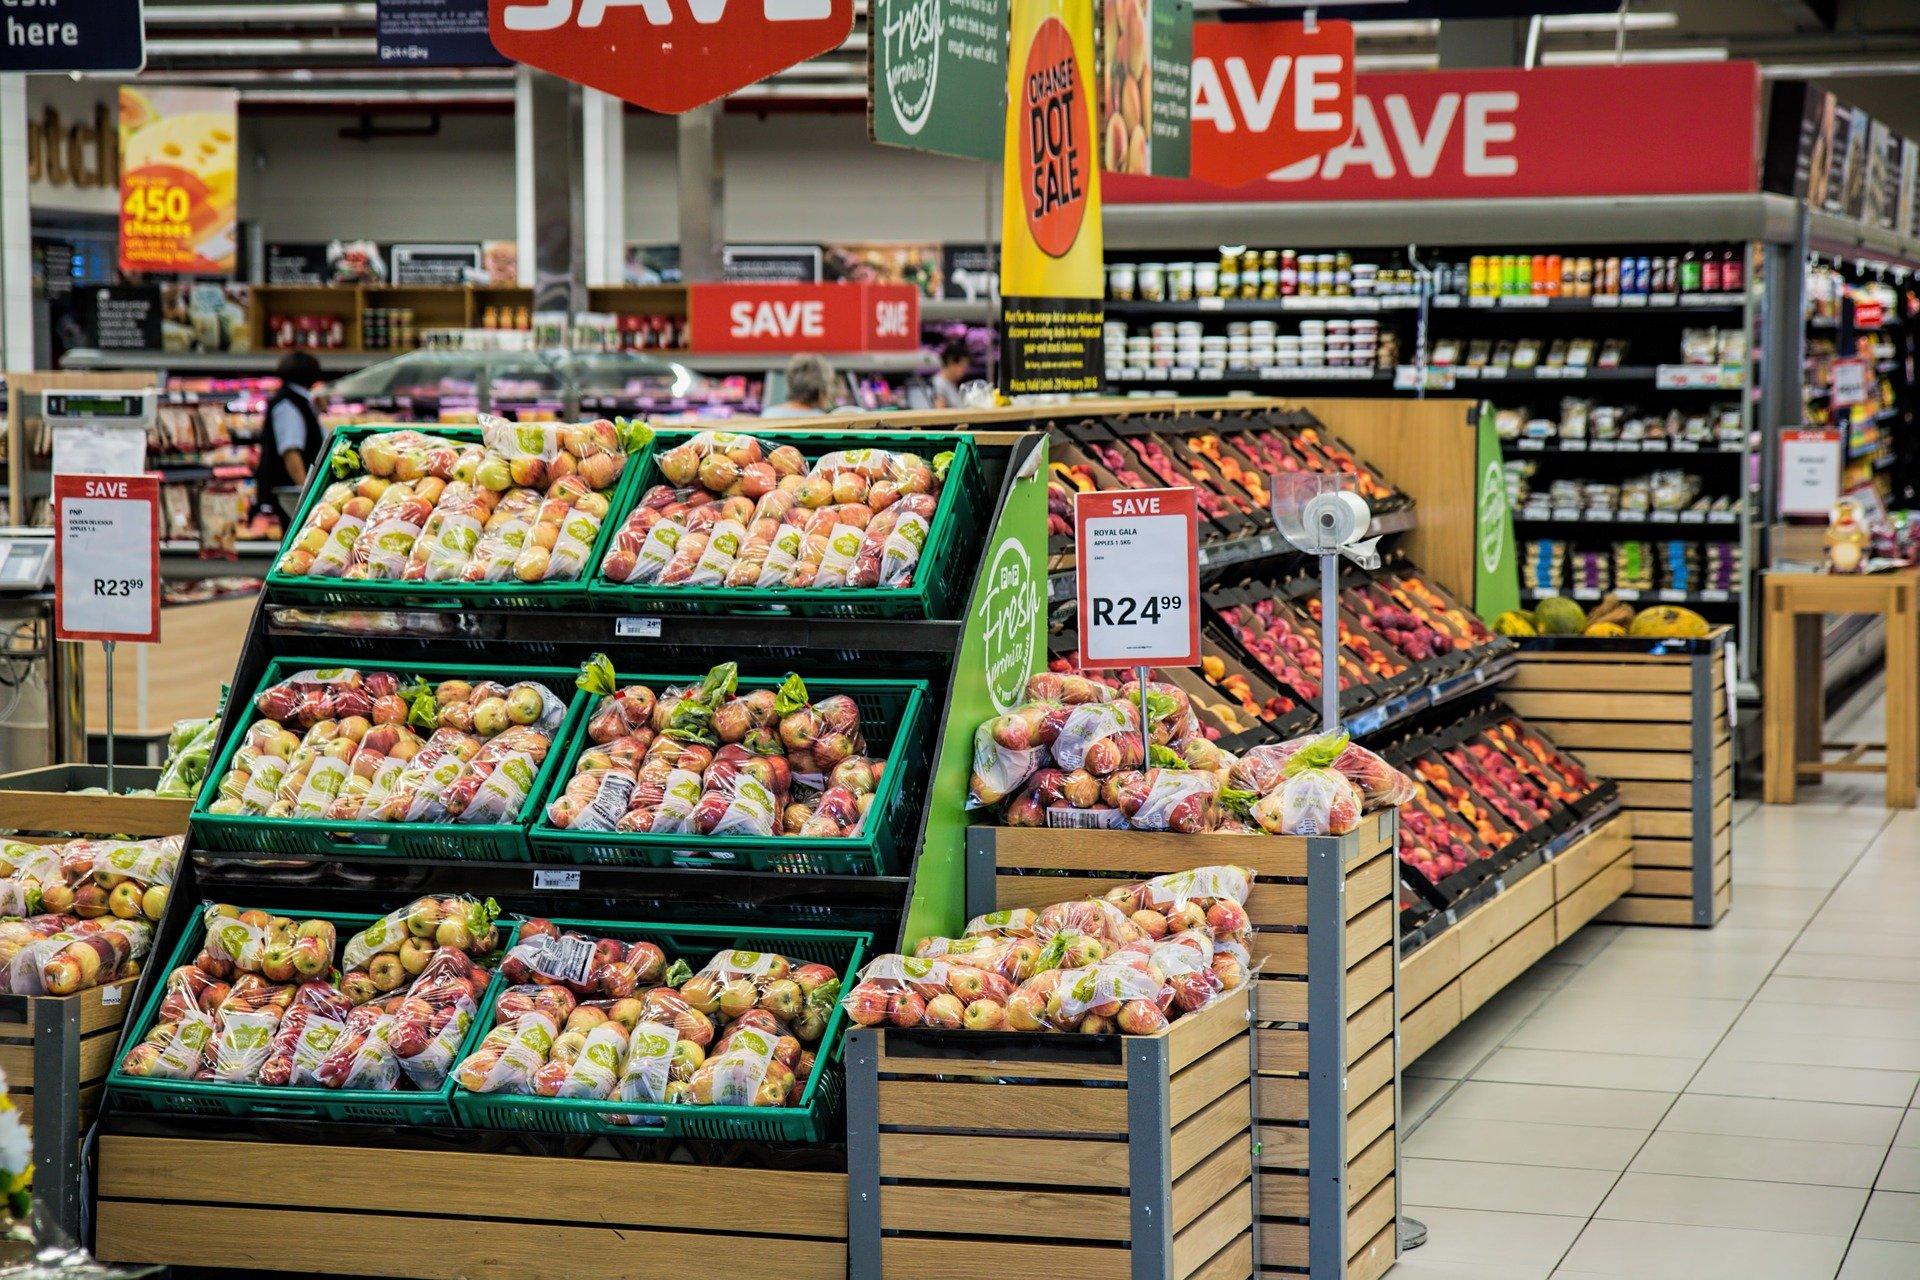 Budapost: Inflation erreicht knapp fünf Prozent